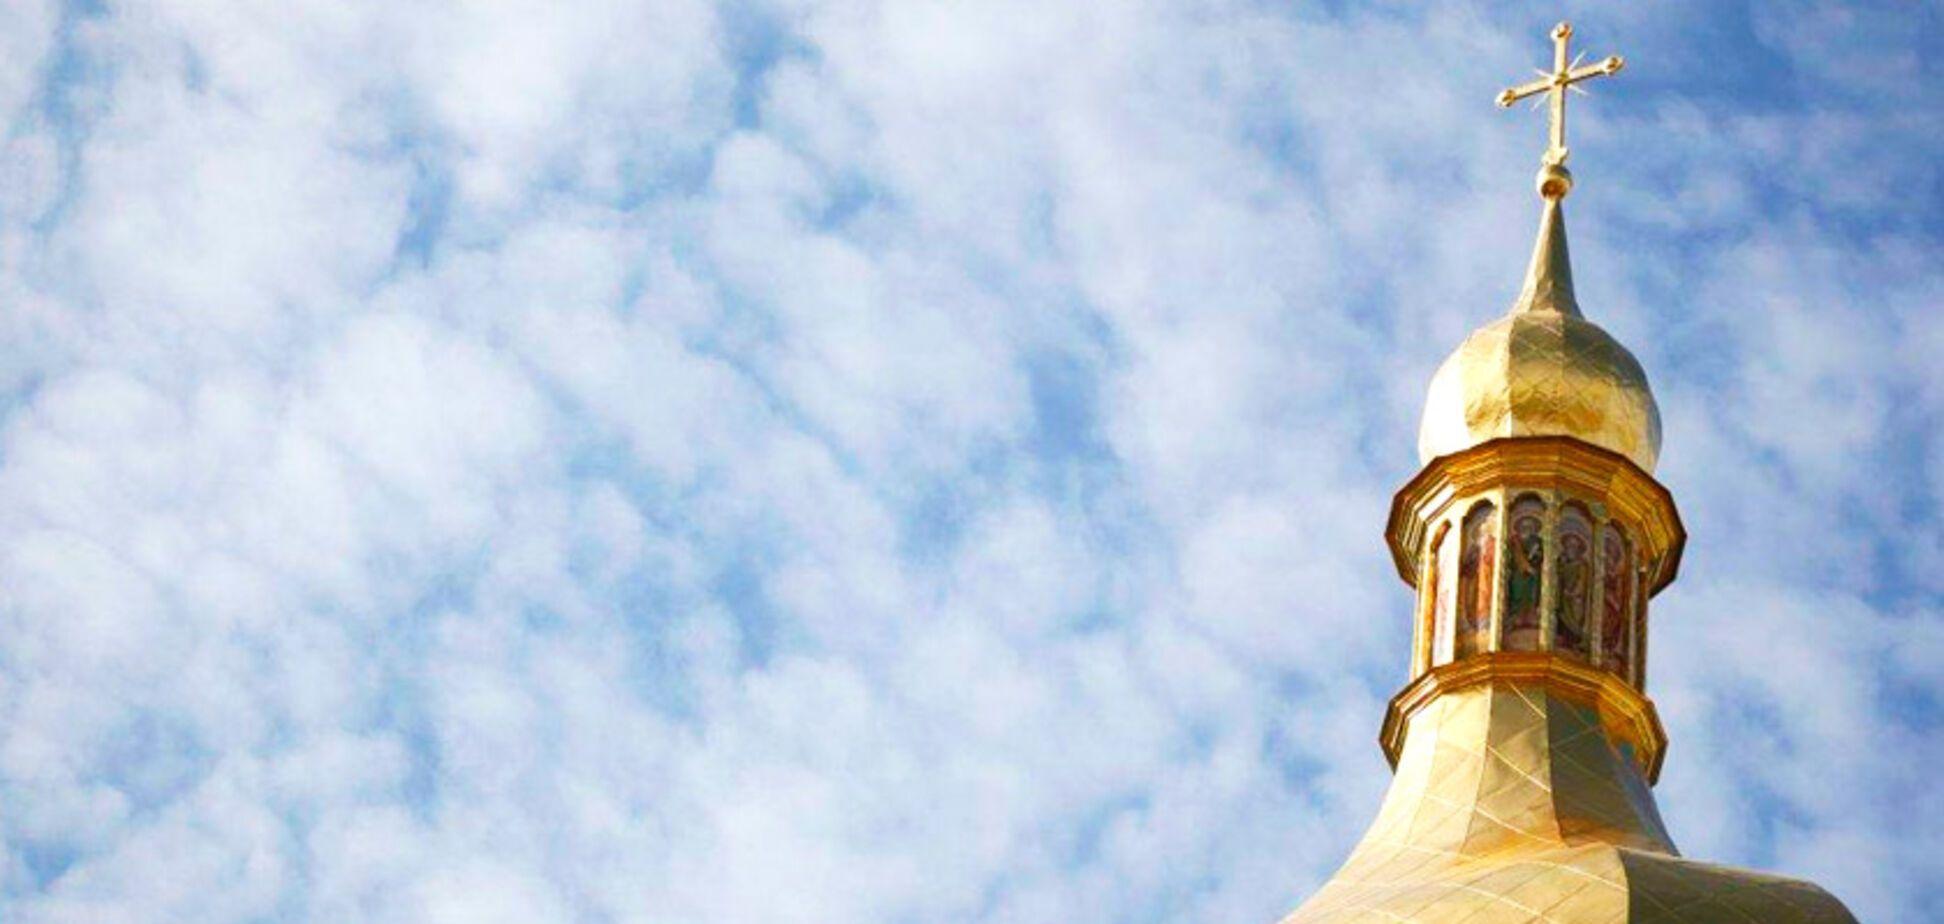 Підключили екс-регіоналів: Кремль видав новий фейк про єдину церкву